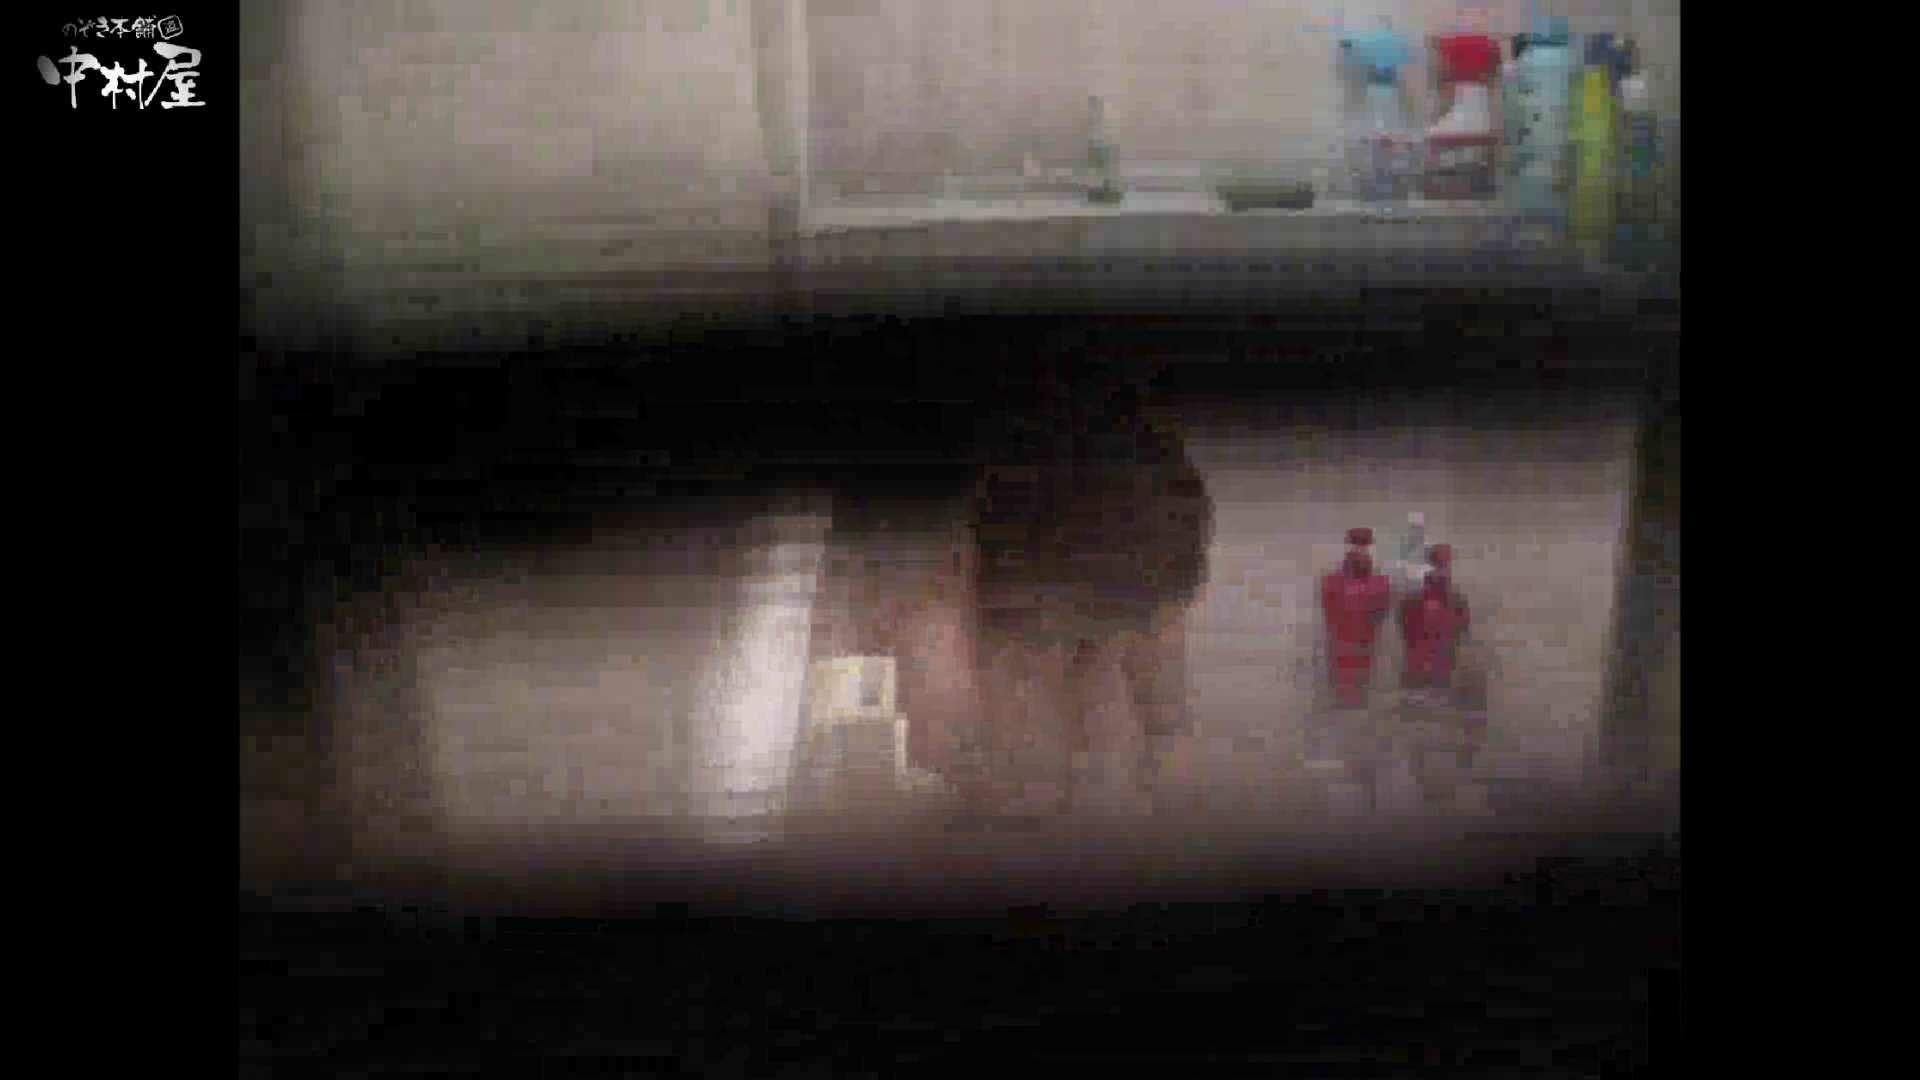 民家風呂専門盗撮師の超危険映像 vol.017 美少女エロ画像  93PICs 42